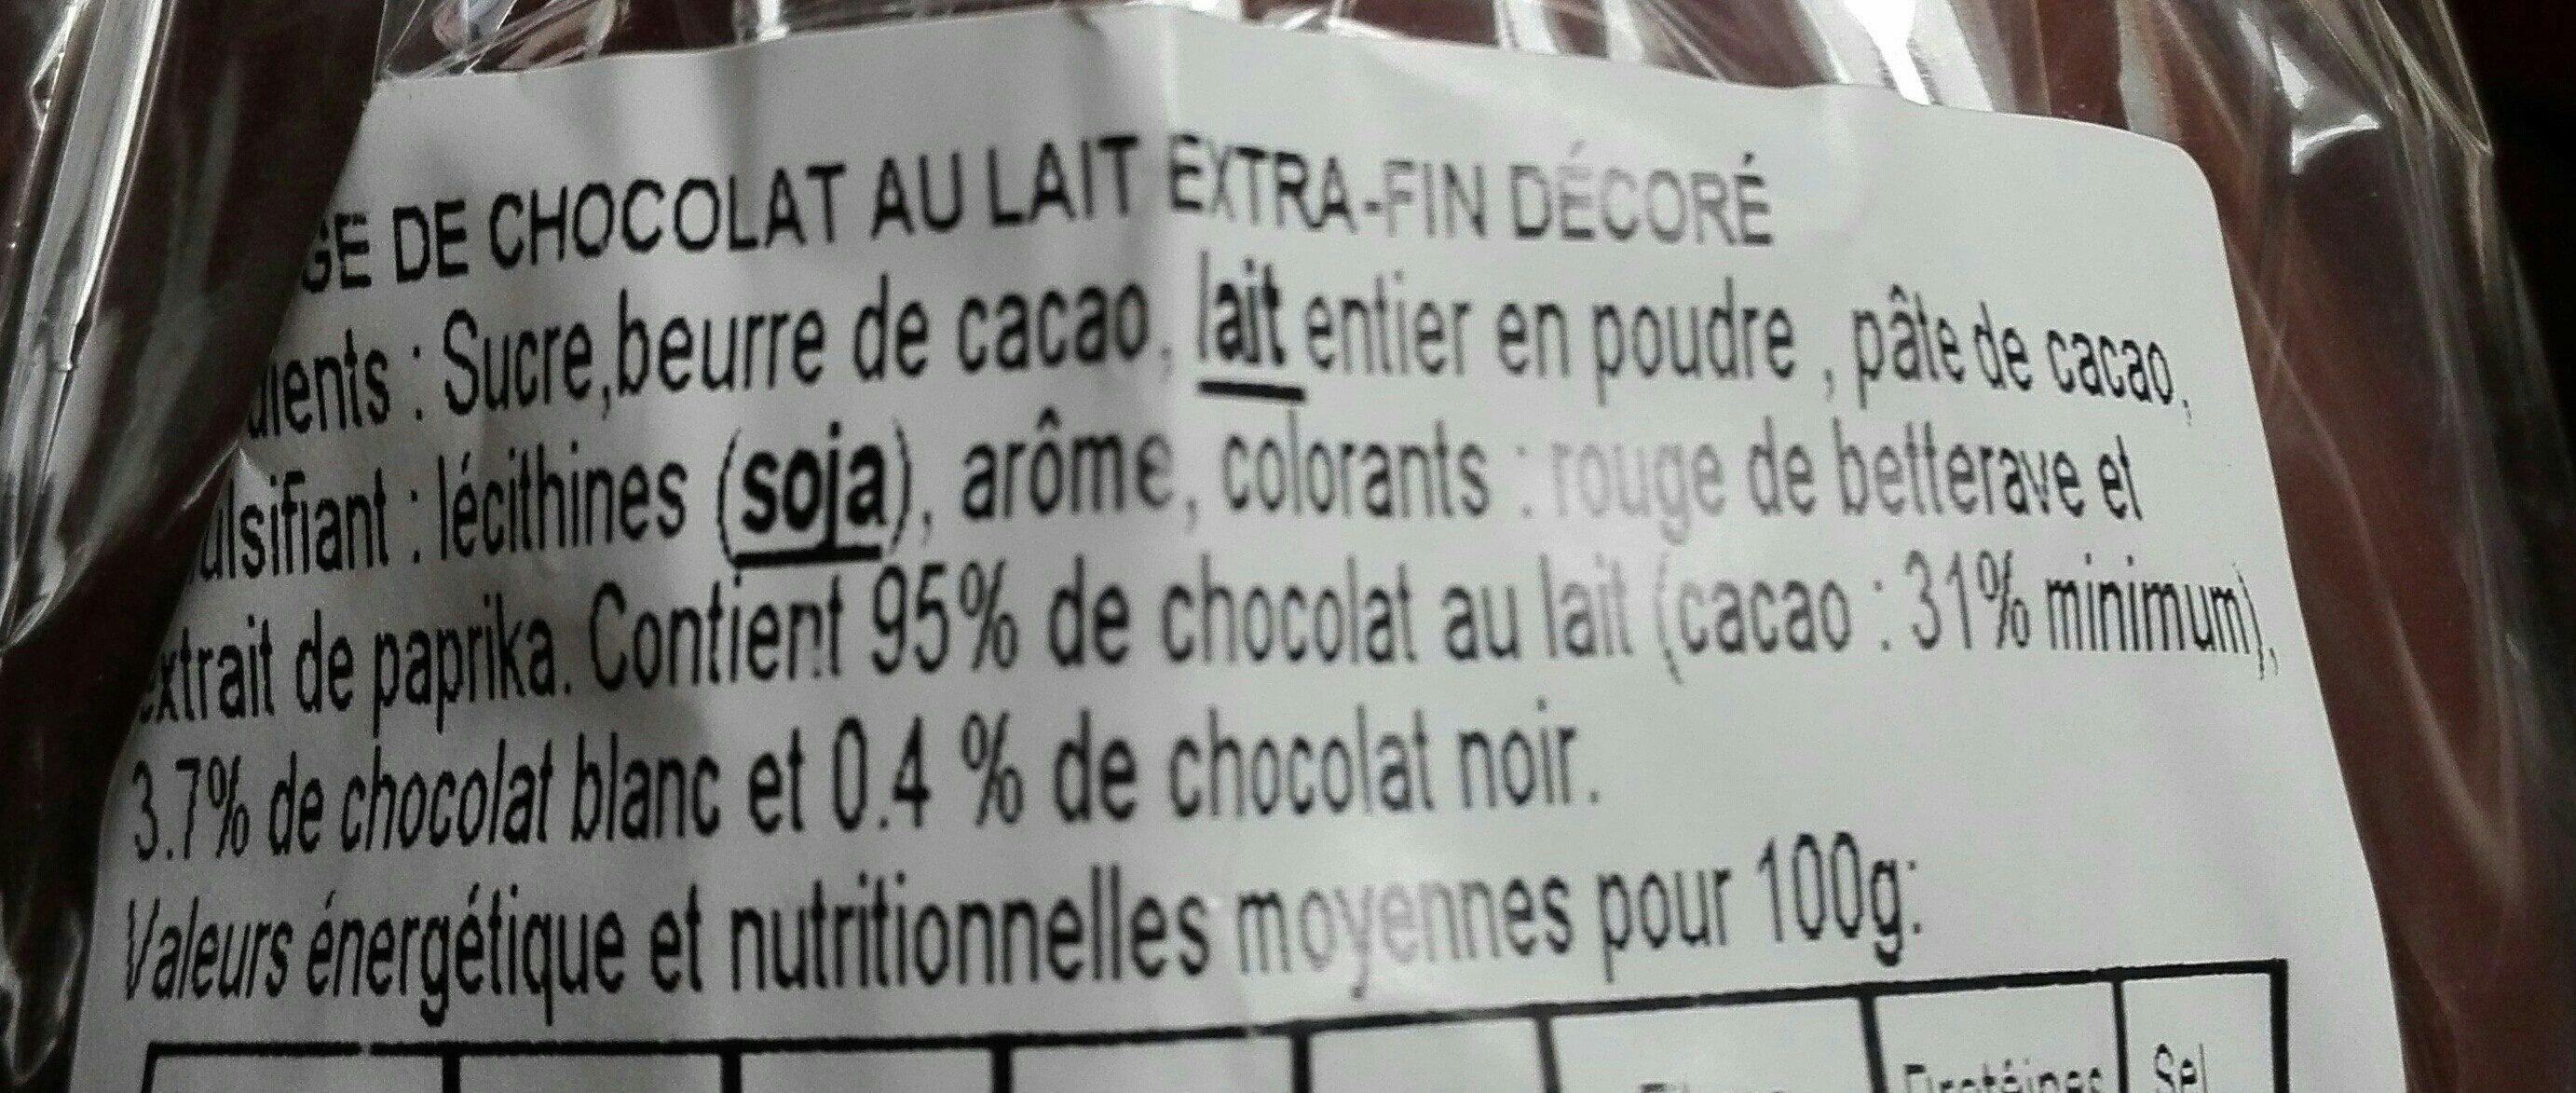 Œuf chocolat au lait décoré Hello Kitty - Ingredienti - fr